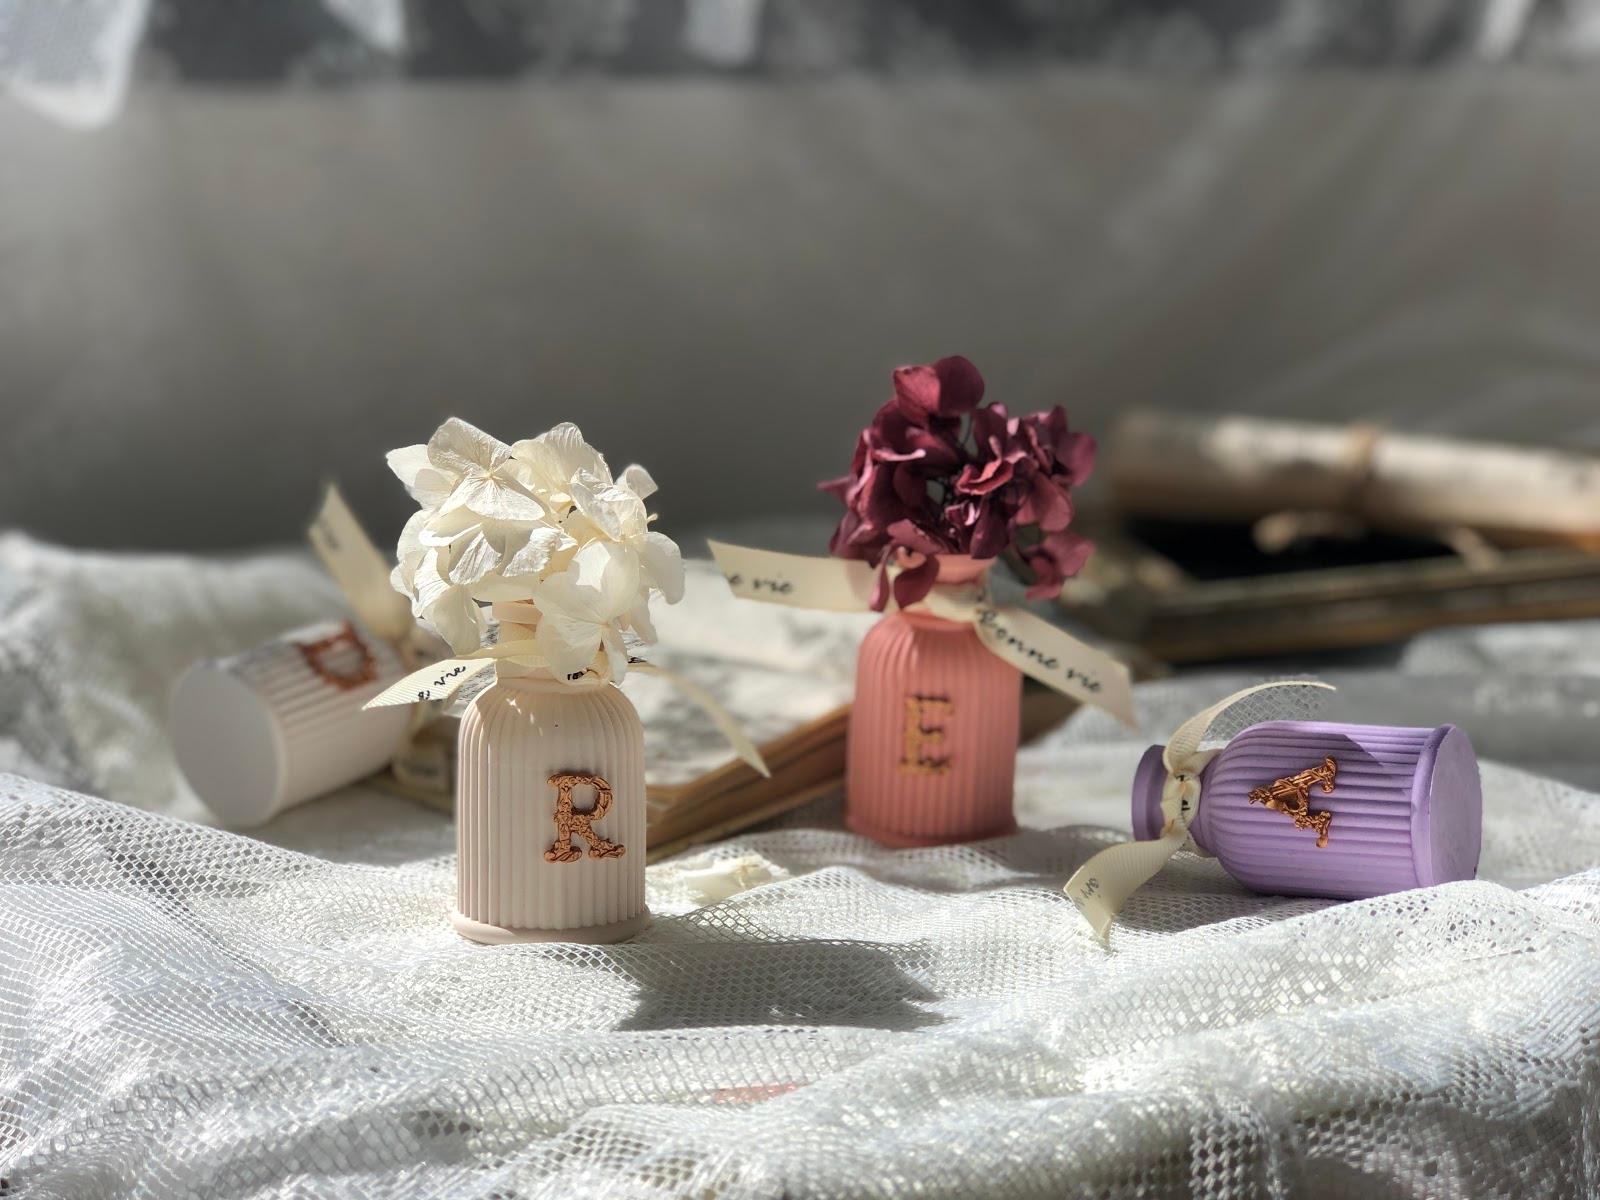 生活品味的婚禮小物 手工擴香石